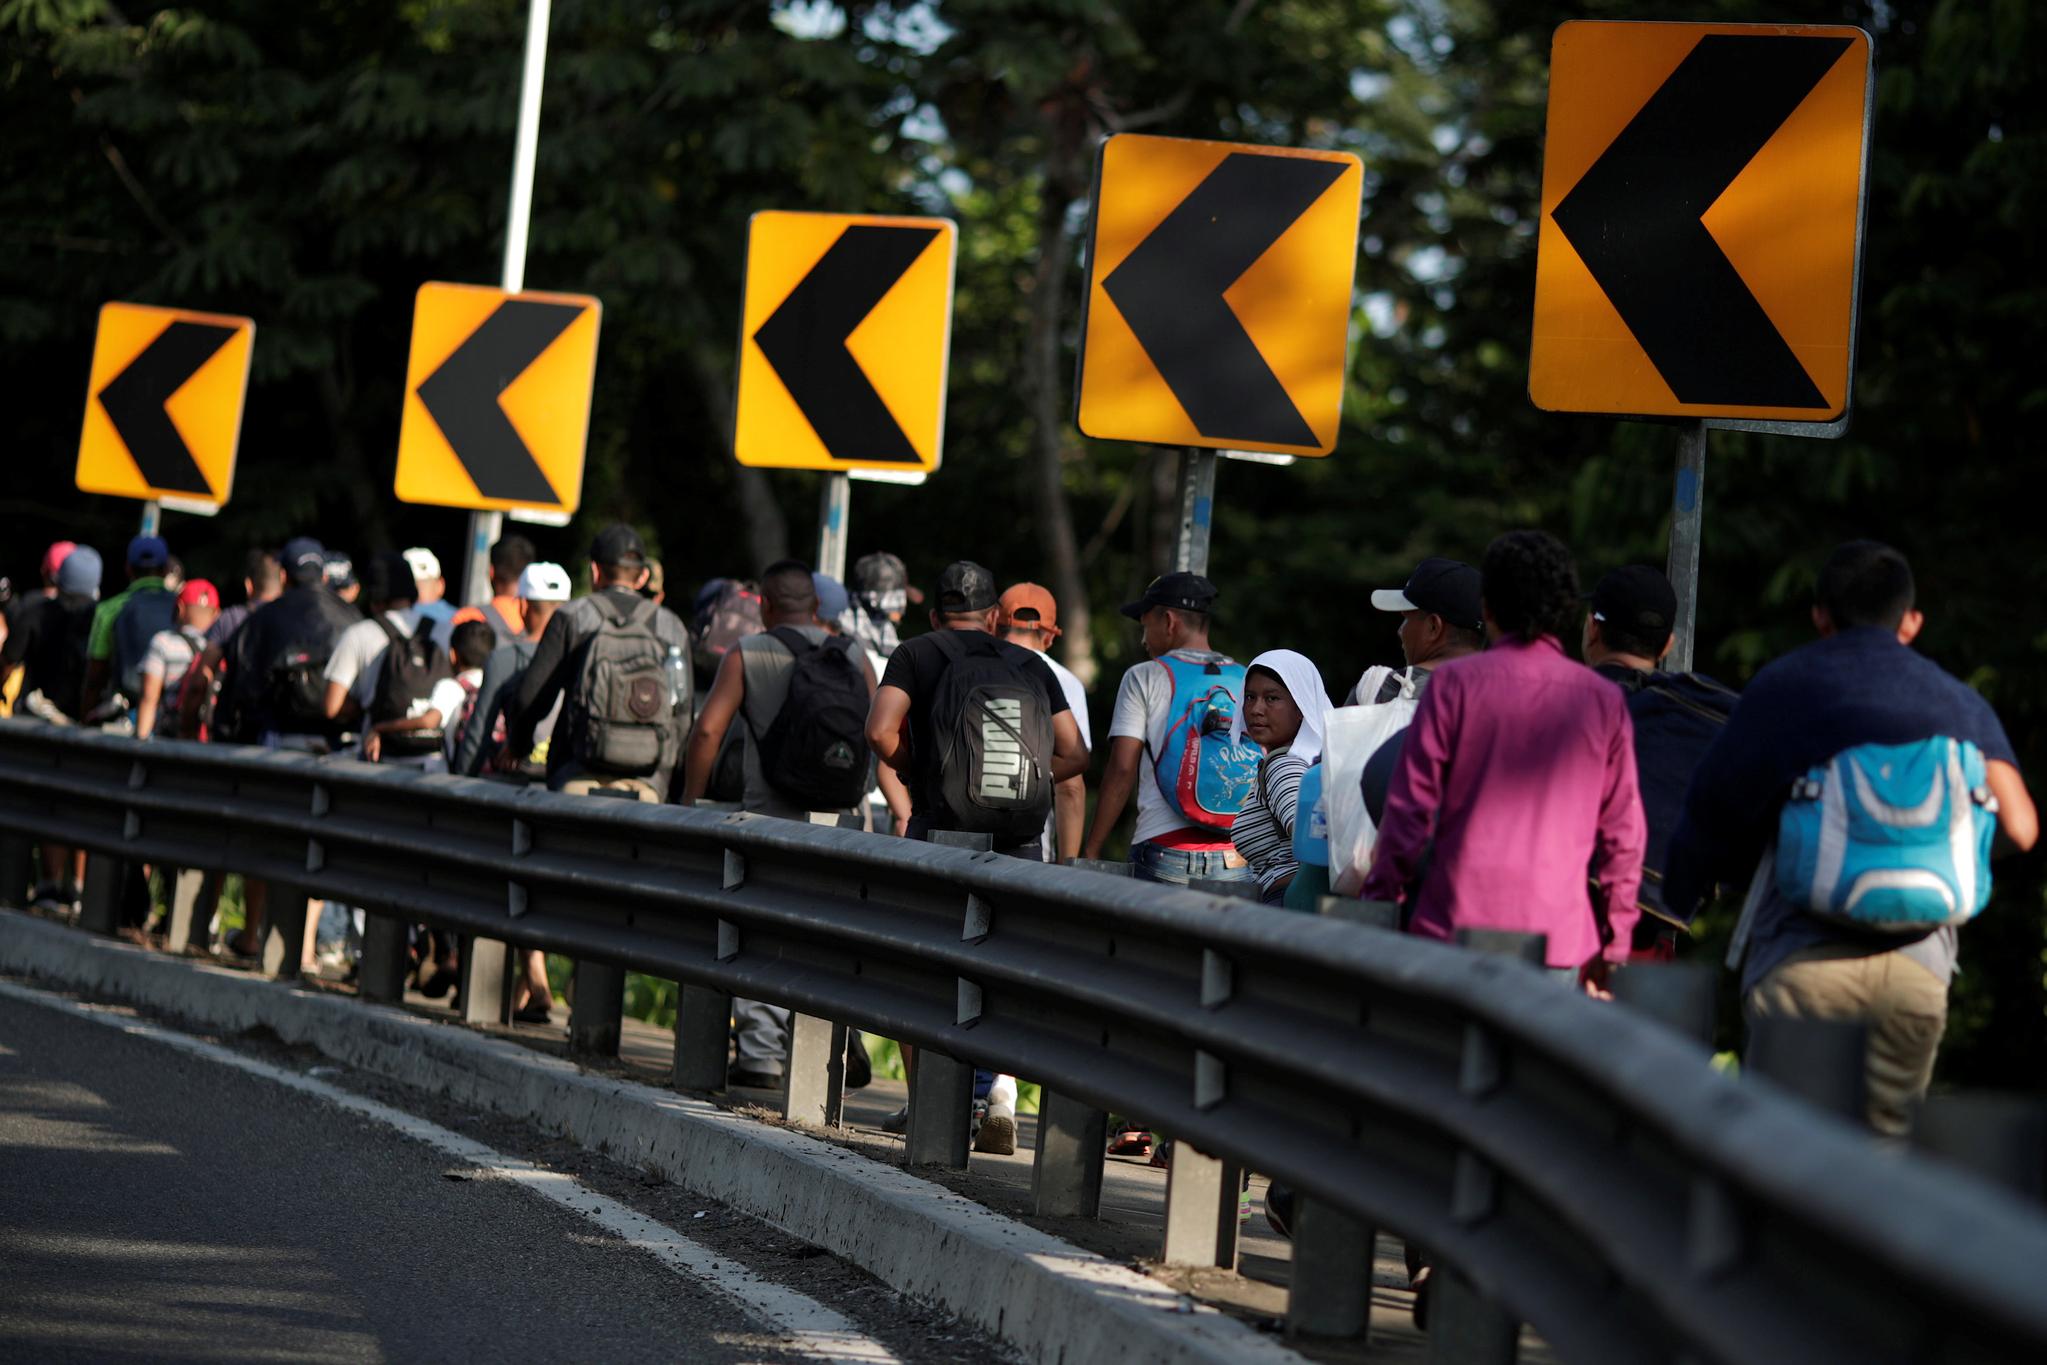 이민자들이 4일(현지시간) 미국으로 가기위해 멕시코 메타파와 타파큘라를 연결하는 도로를 따라 걷고 있다. [로이터=연합뉴스]